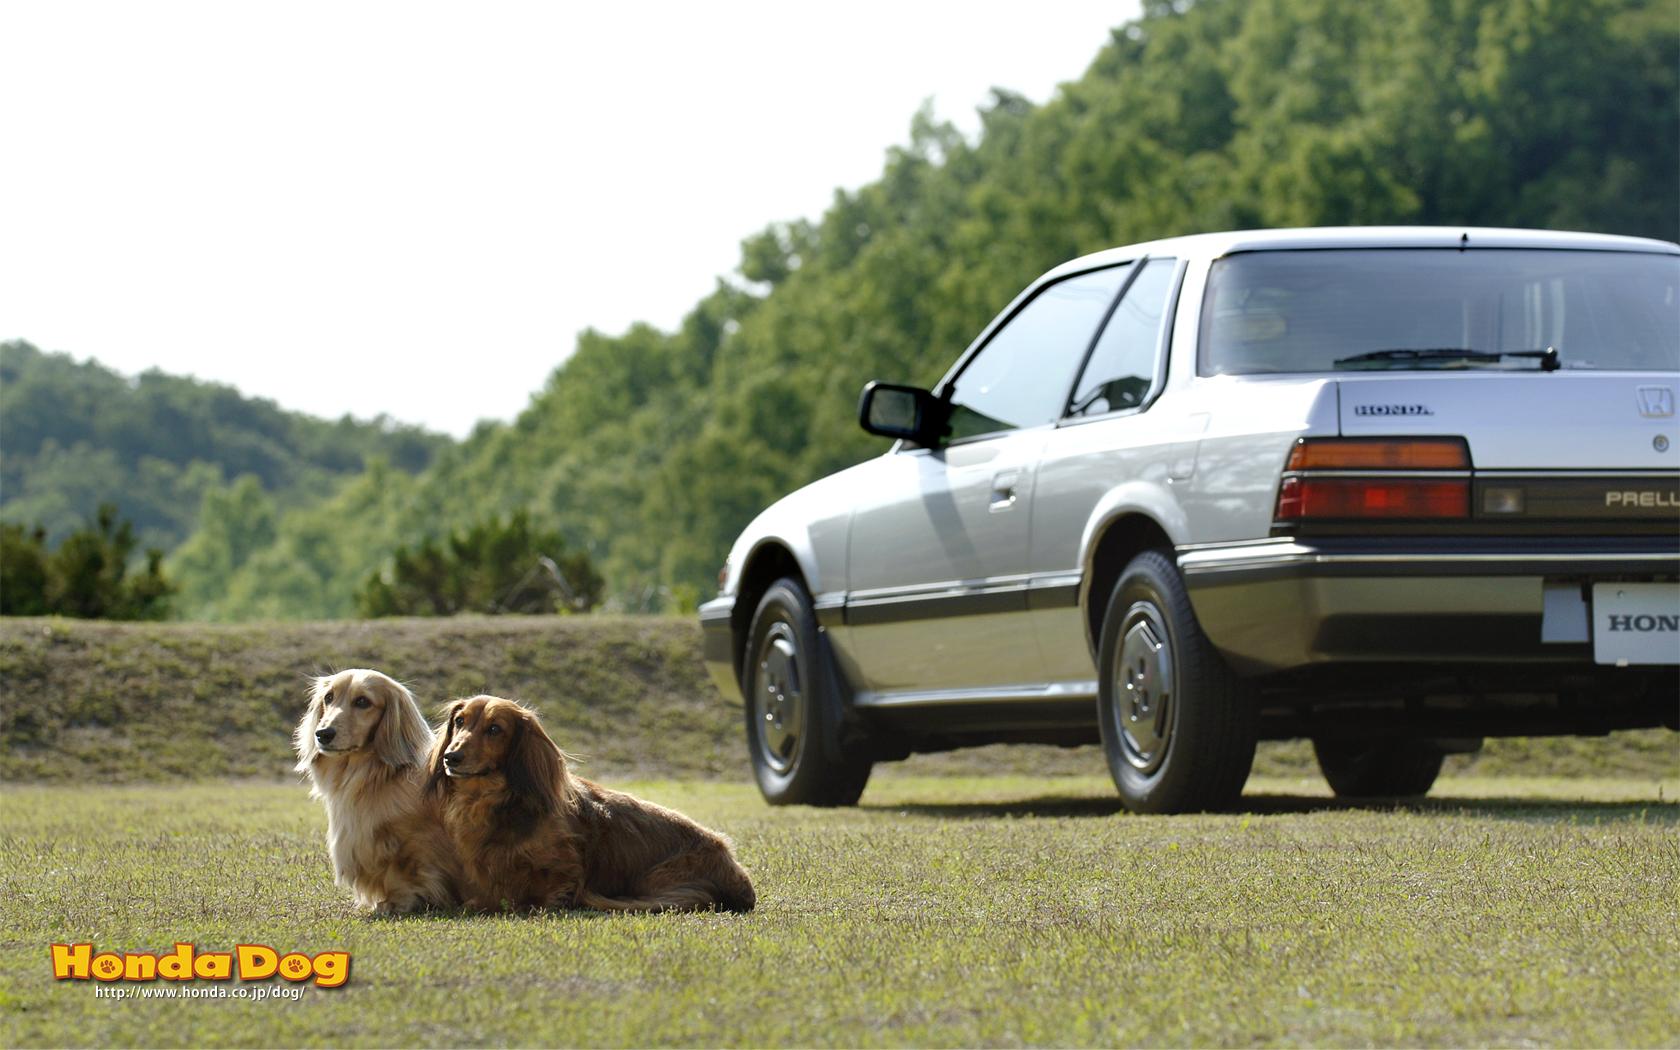 dog-vintage-prelude-wp2